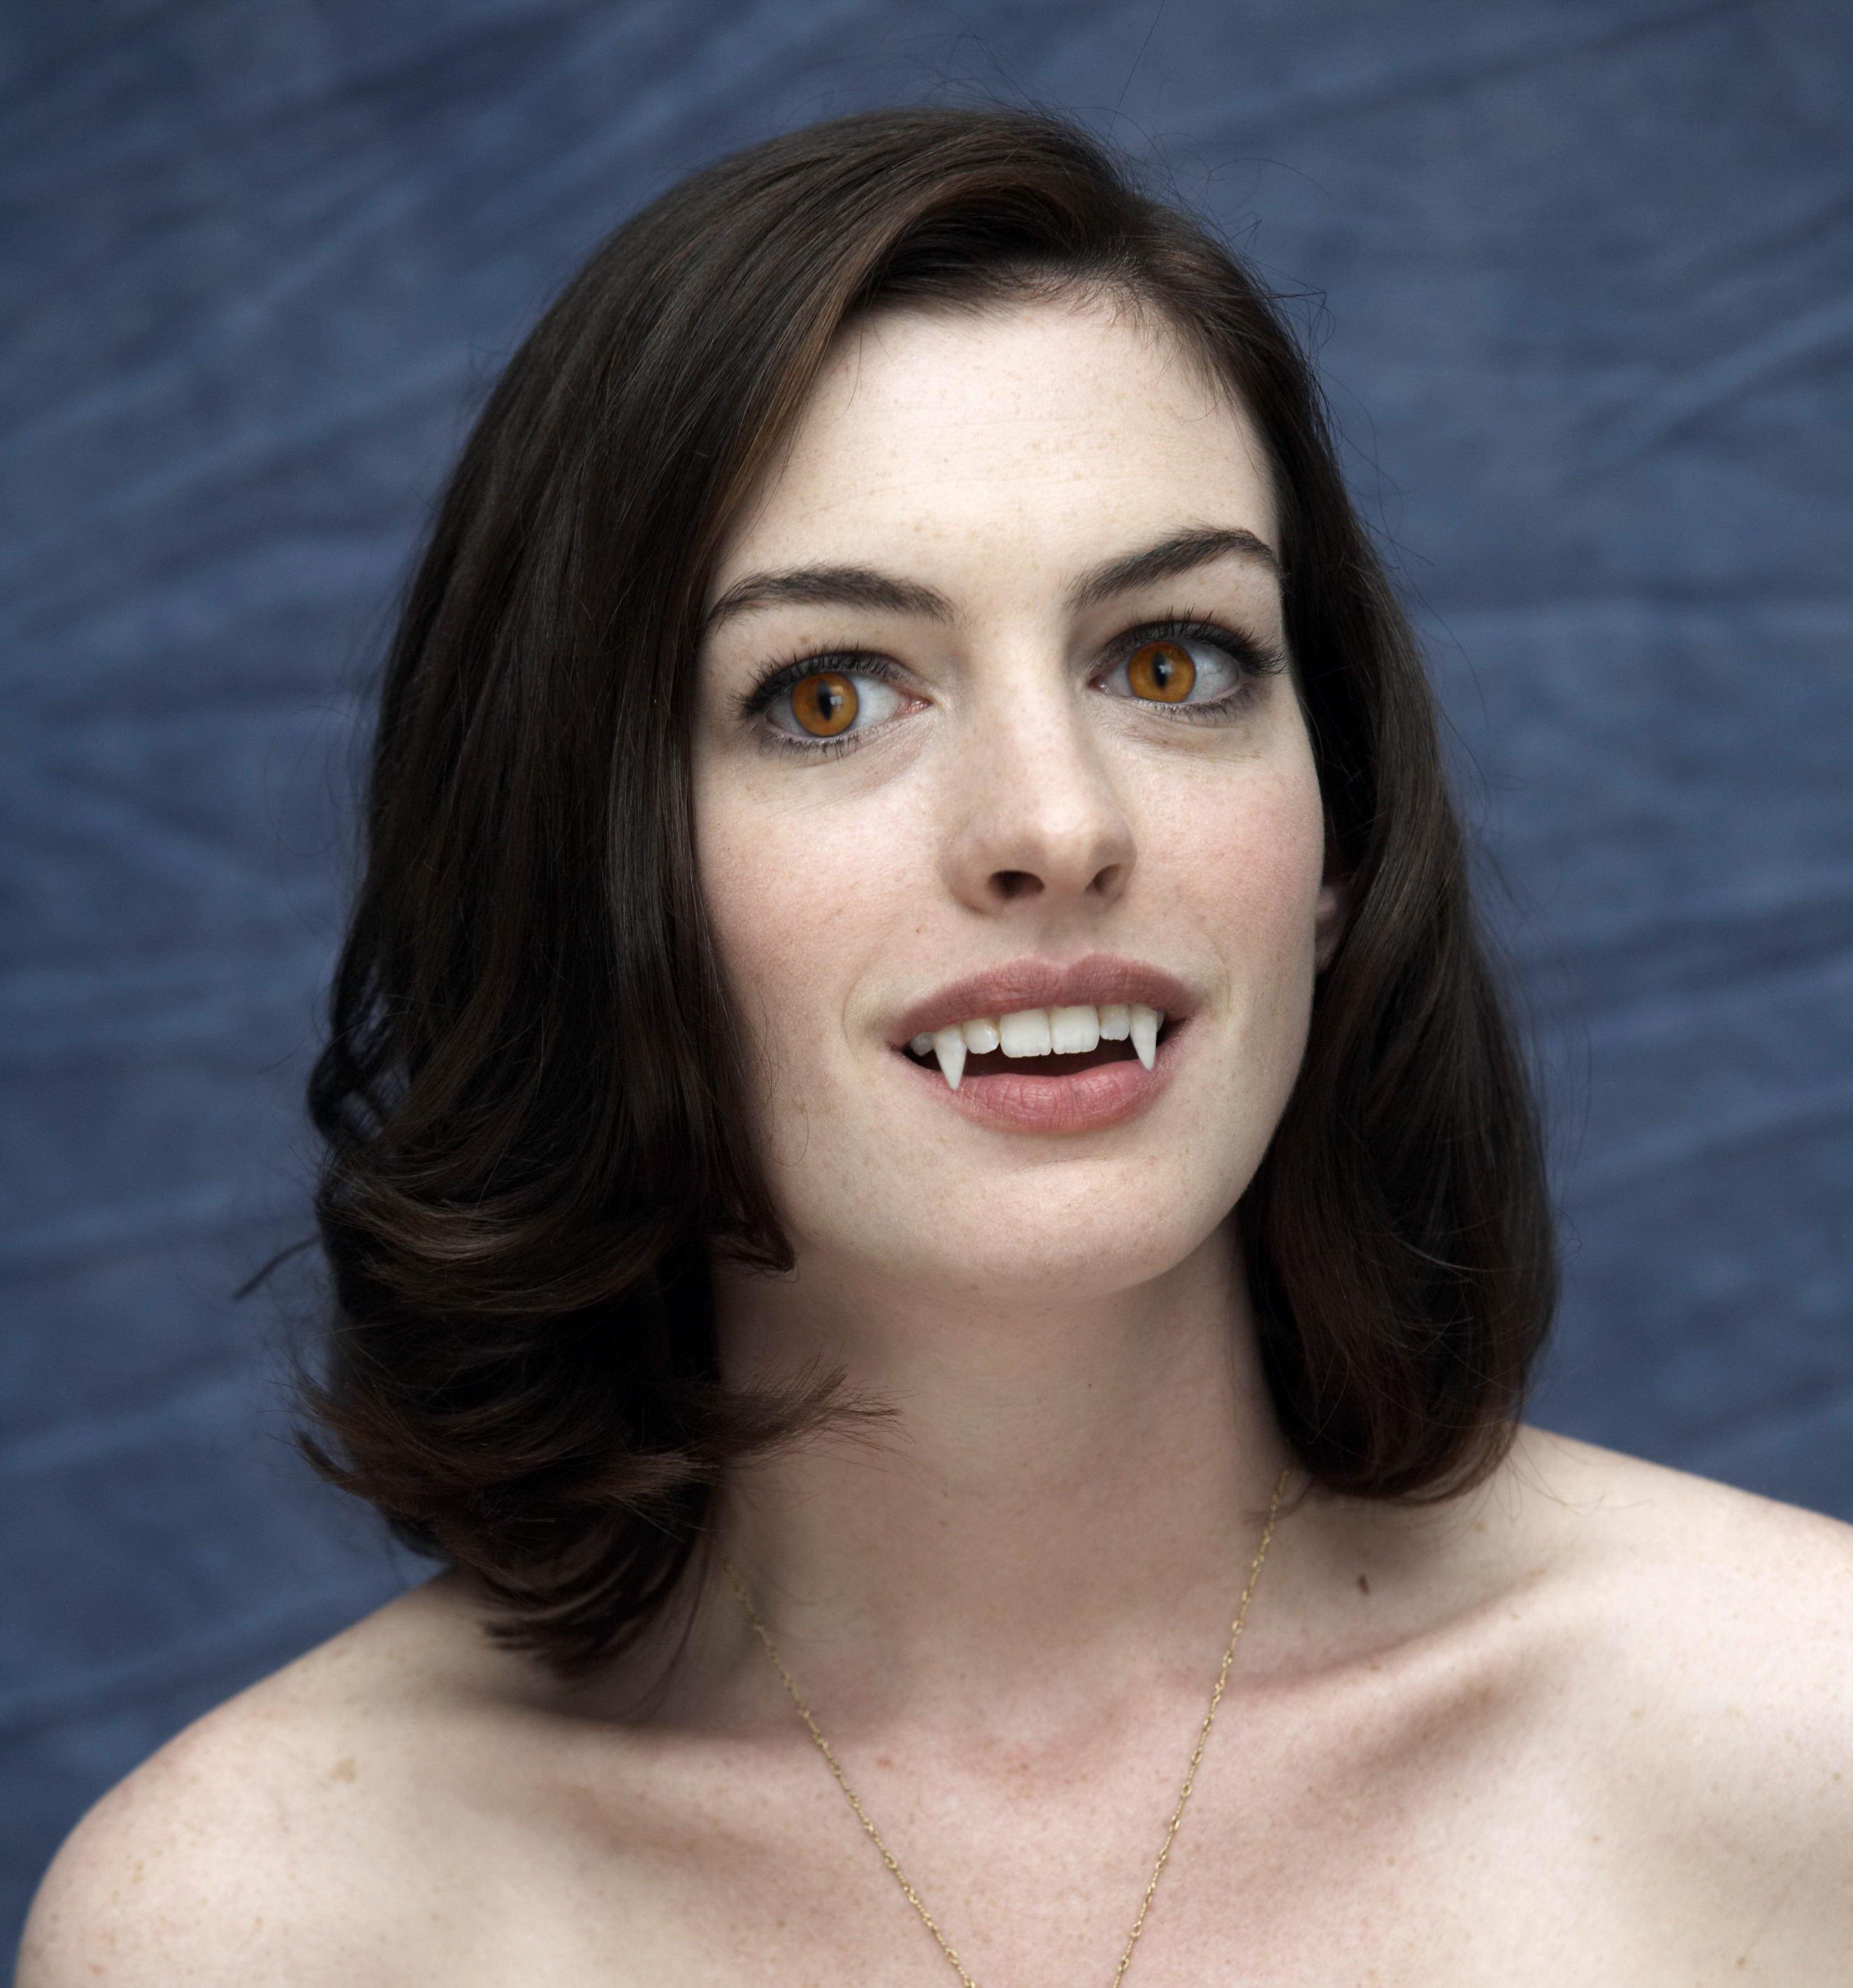 Vampire Anne Hathaway By TurlyVamp On DeviantArt